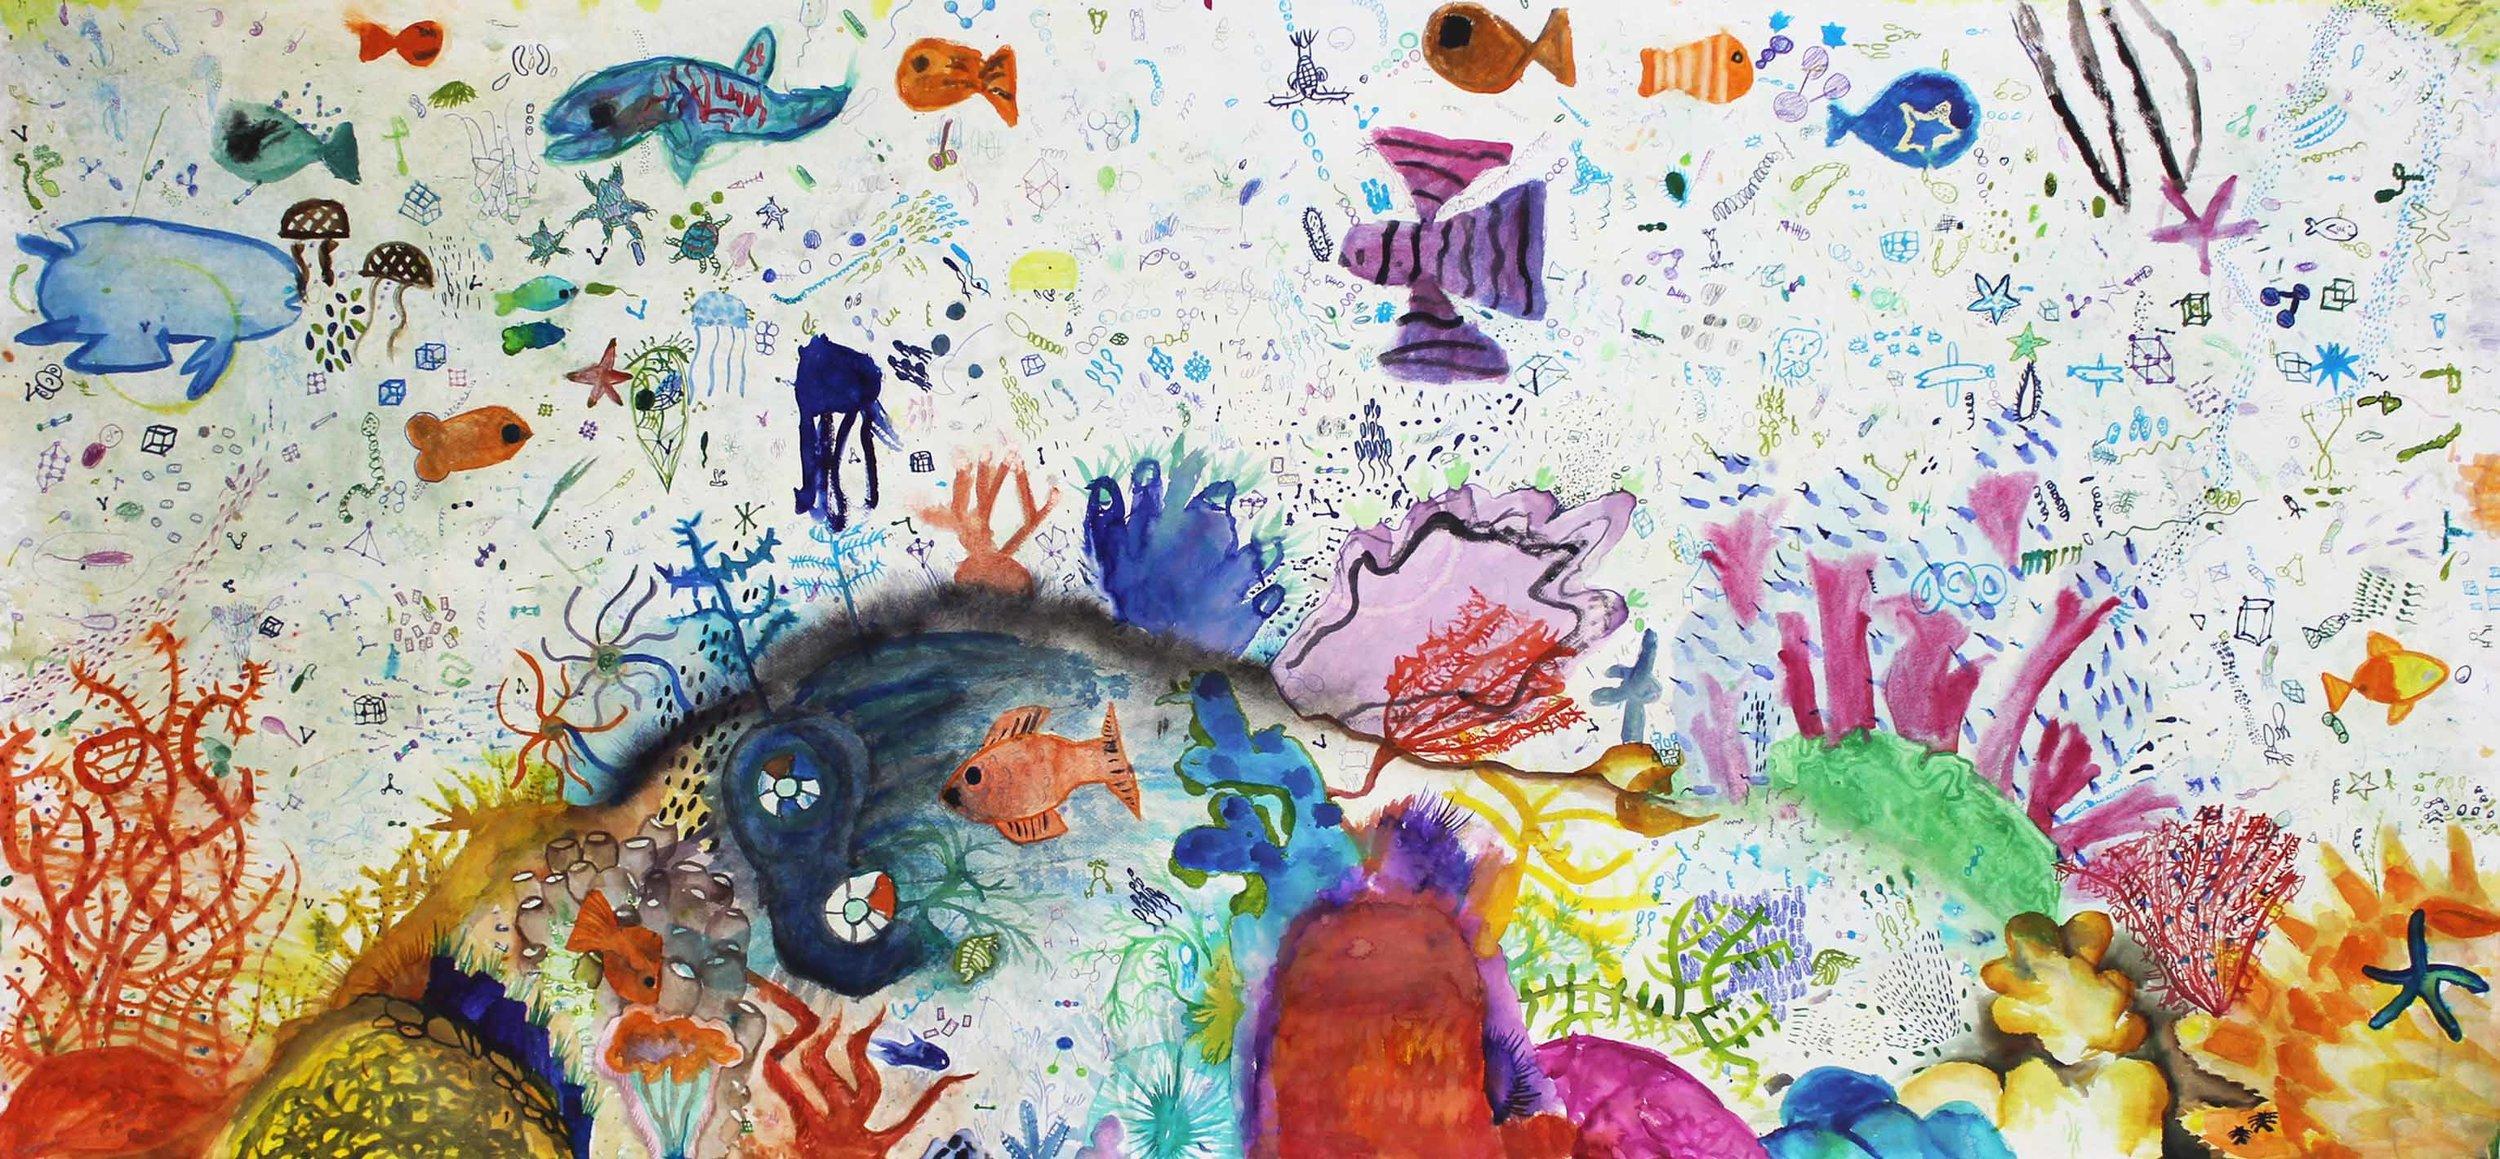 coral bommie 1.jpg